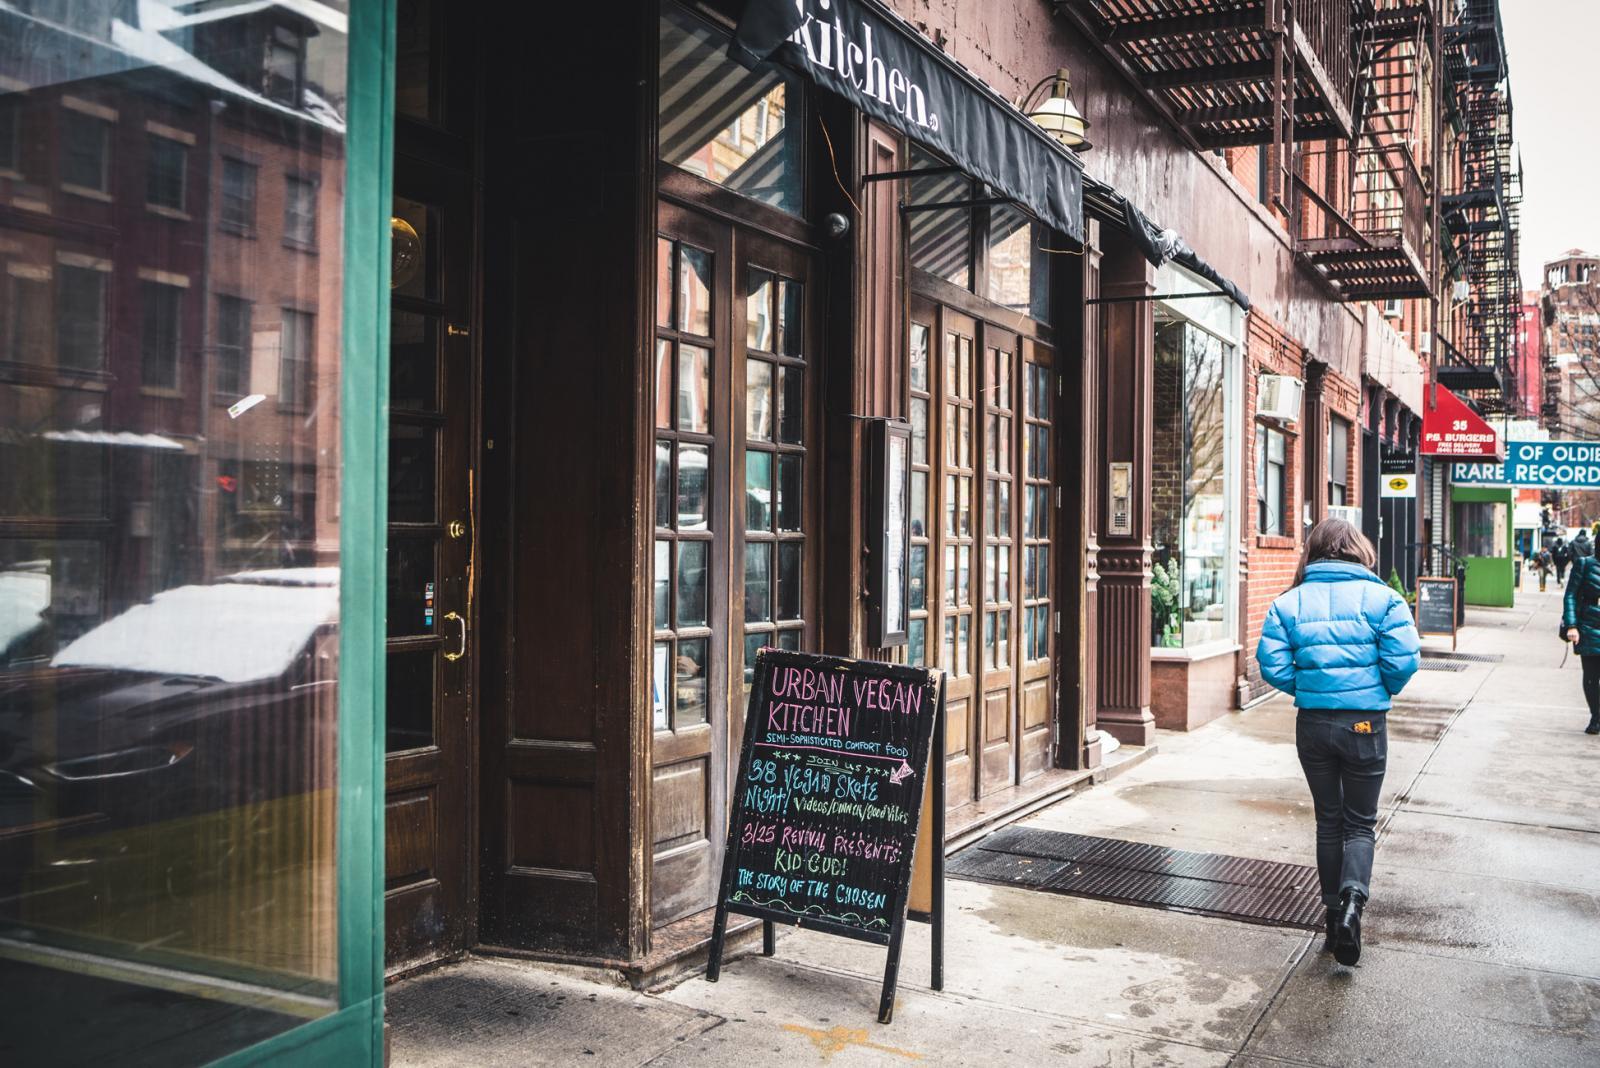 Urban Vegan Kitchen NYC